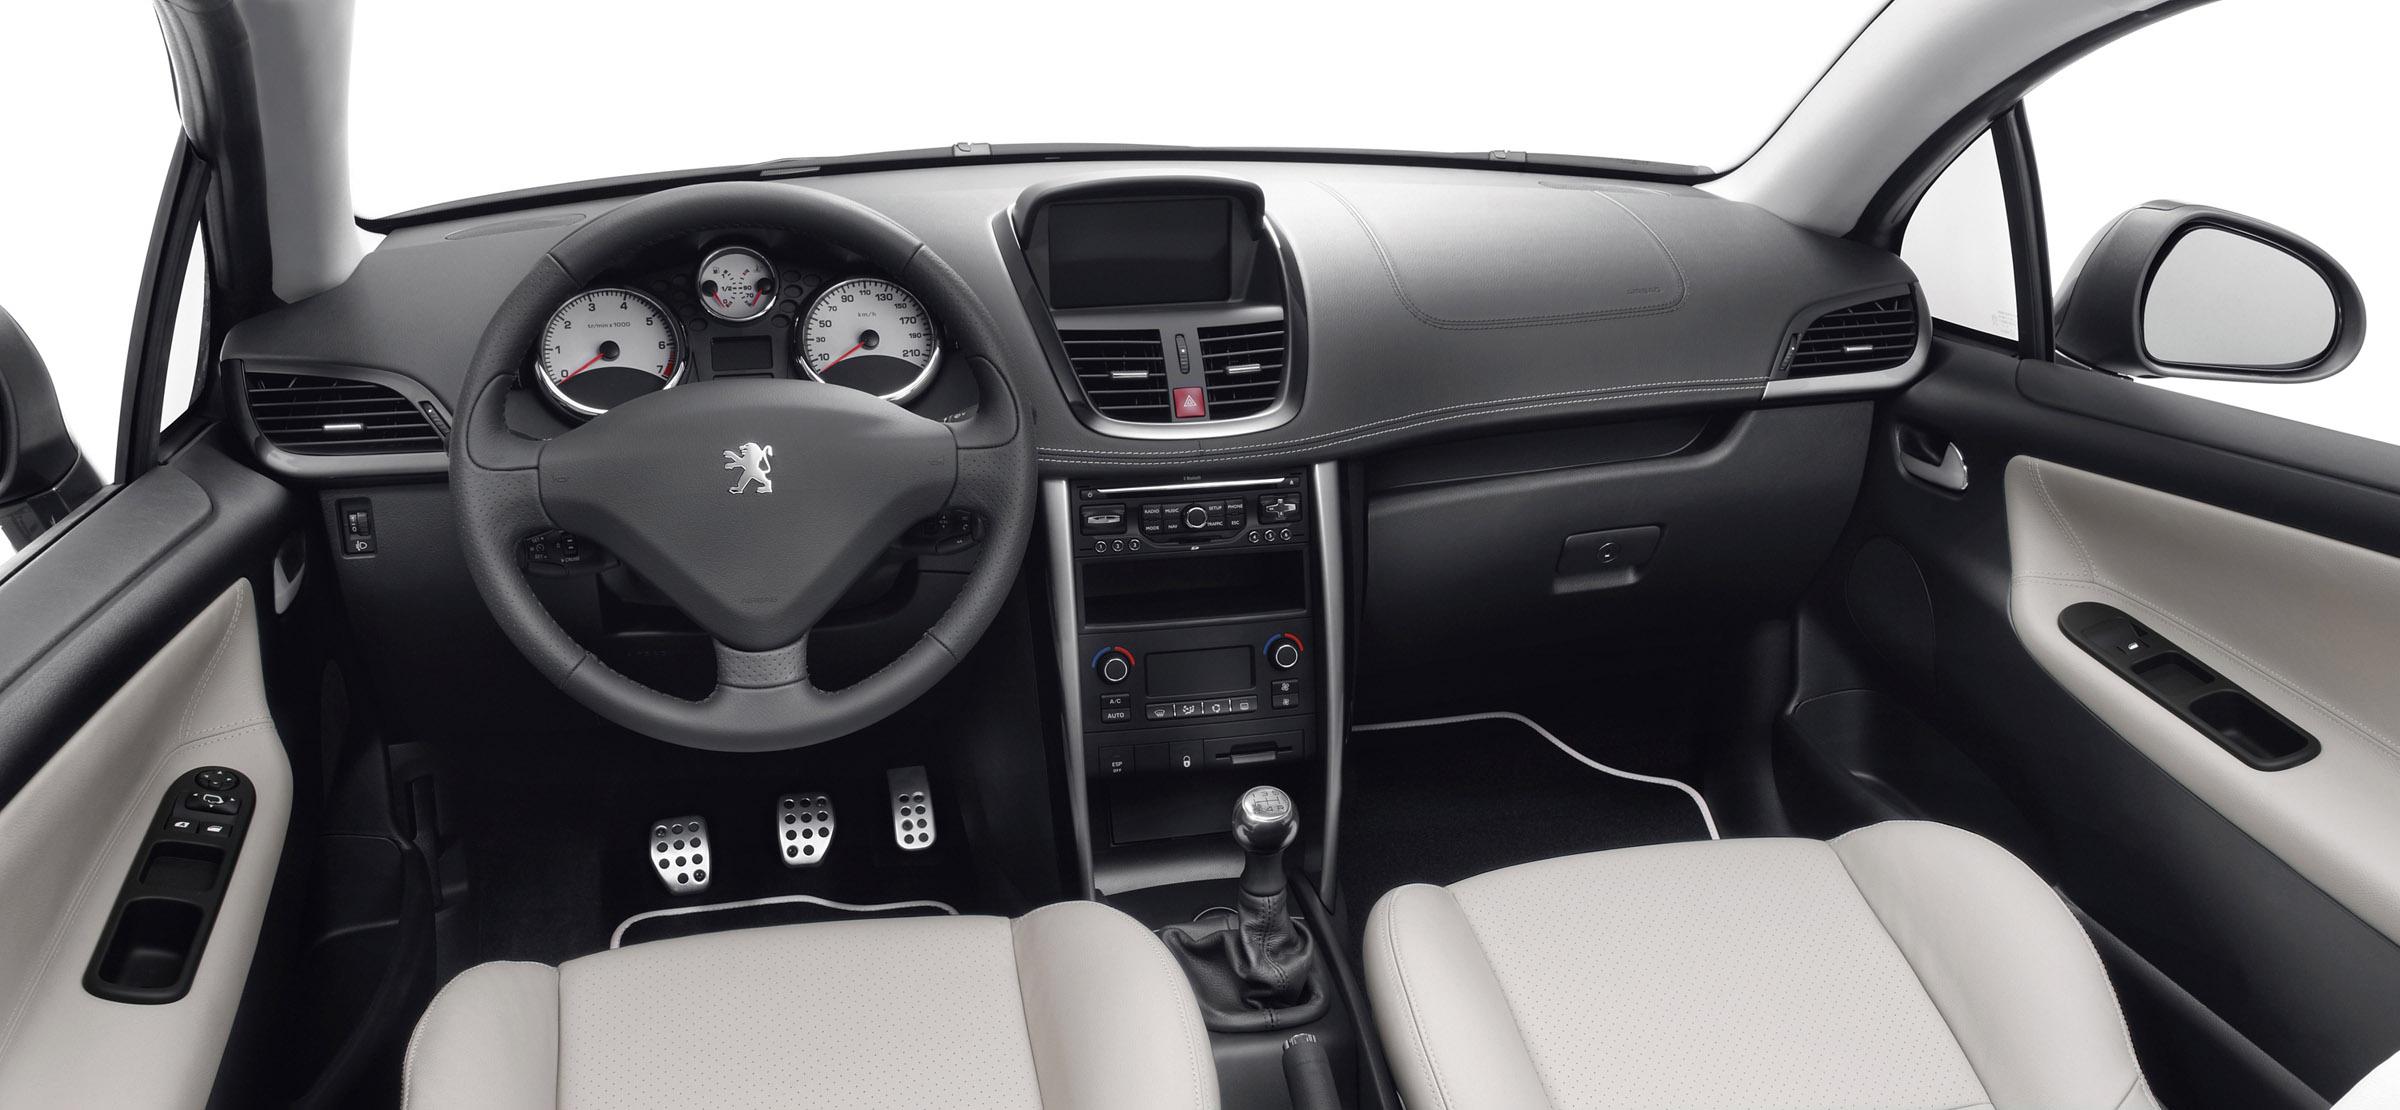 Peugeot 207 I Restyling 2009 - 2015 Cabriolet #6